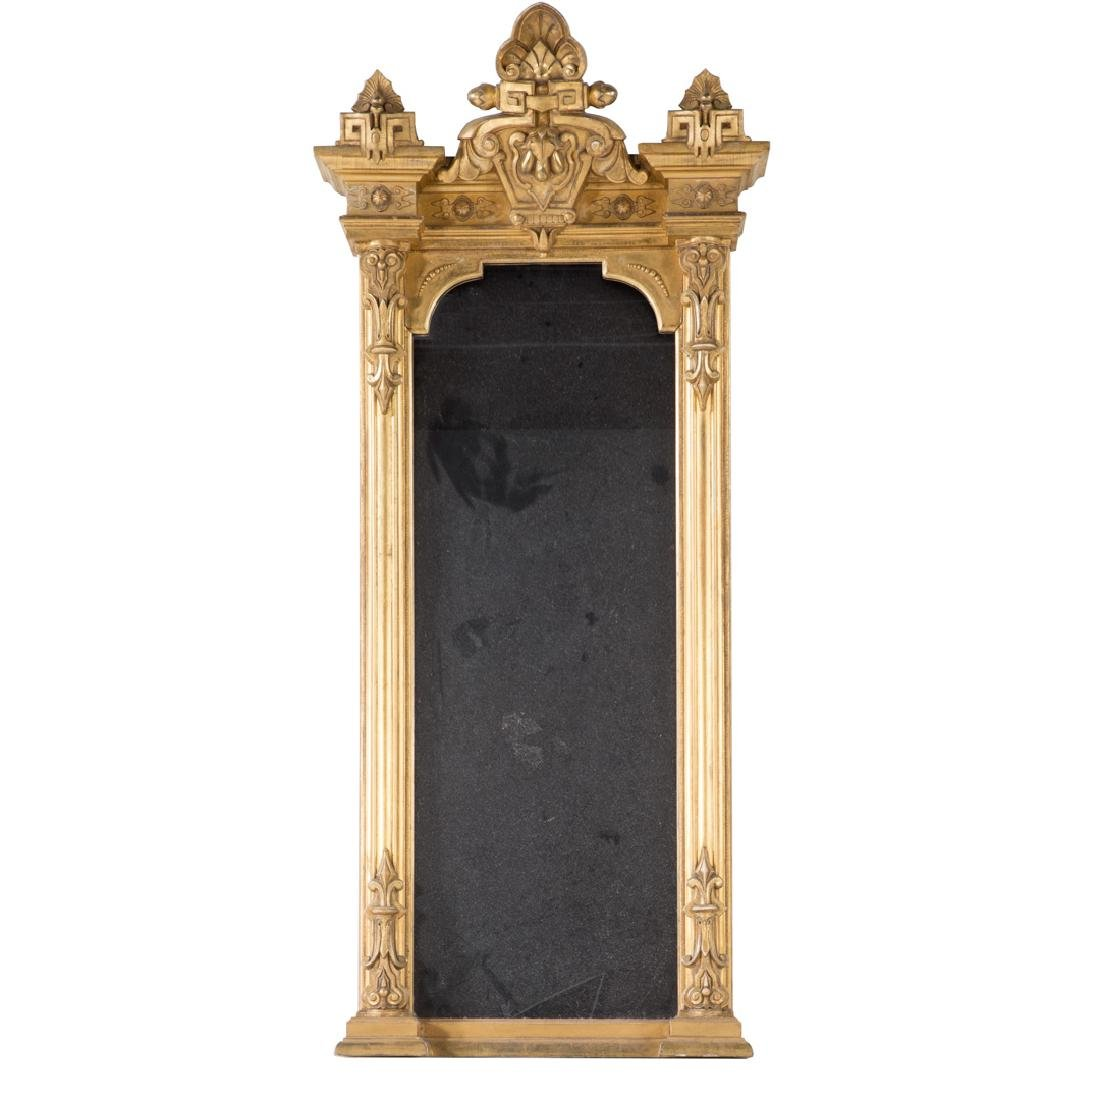 Renaissance Revival giltwood pier mirror - 2